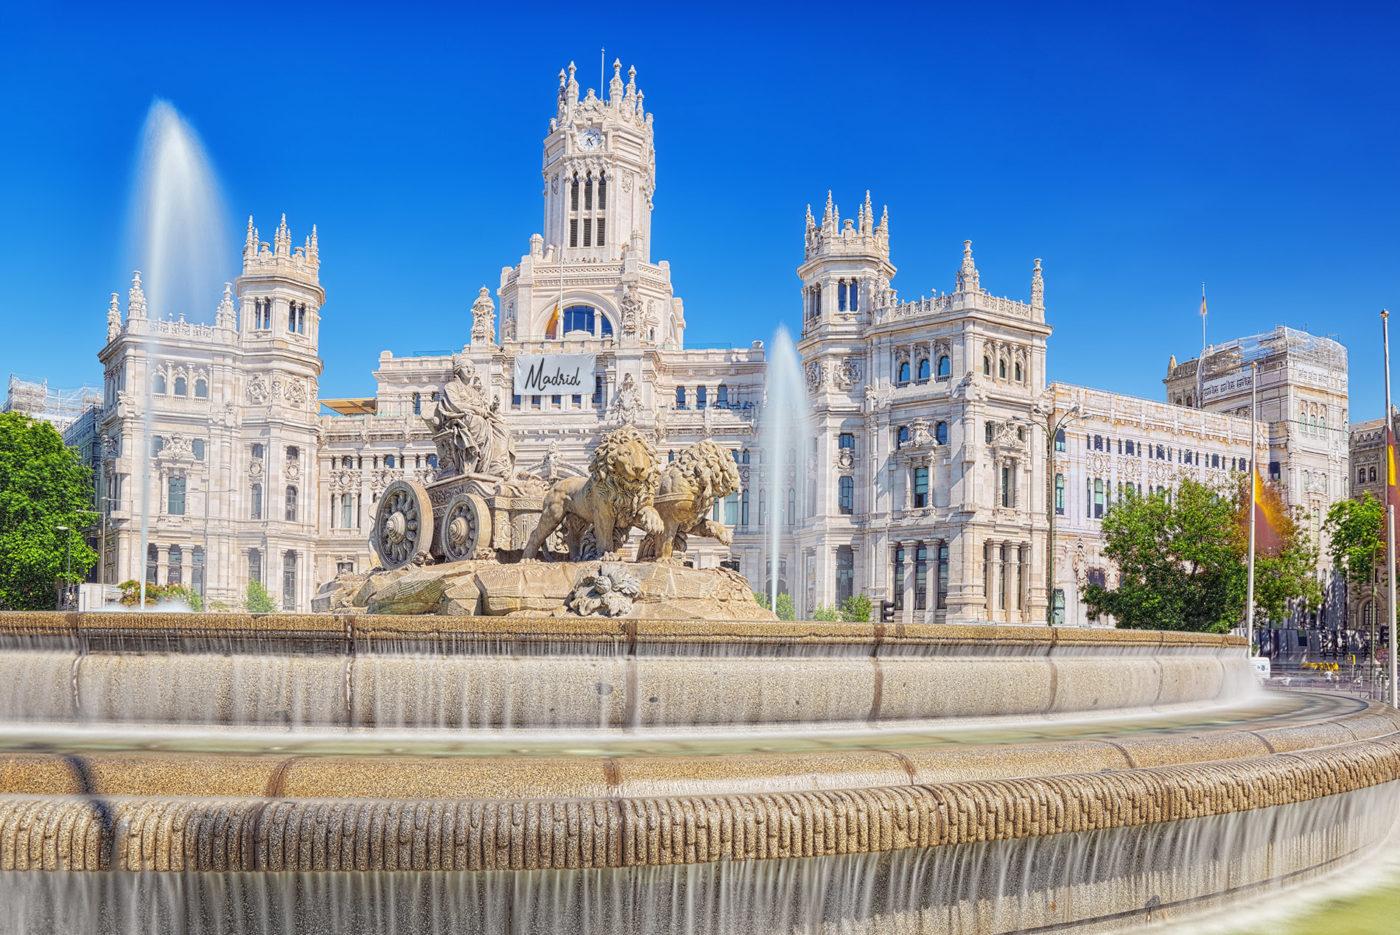 Excursiones a Madrid, ahora Patrimonio Mundial de la Unesco